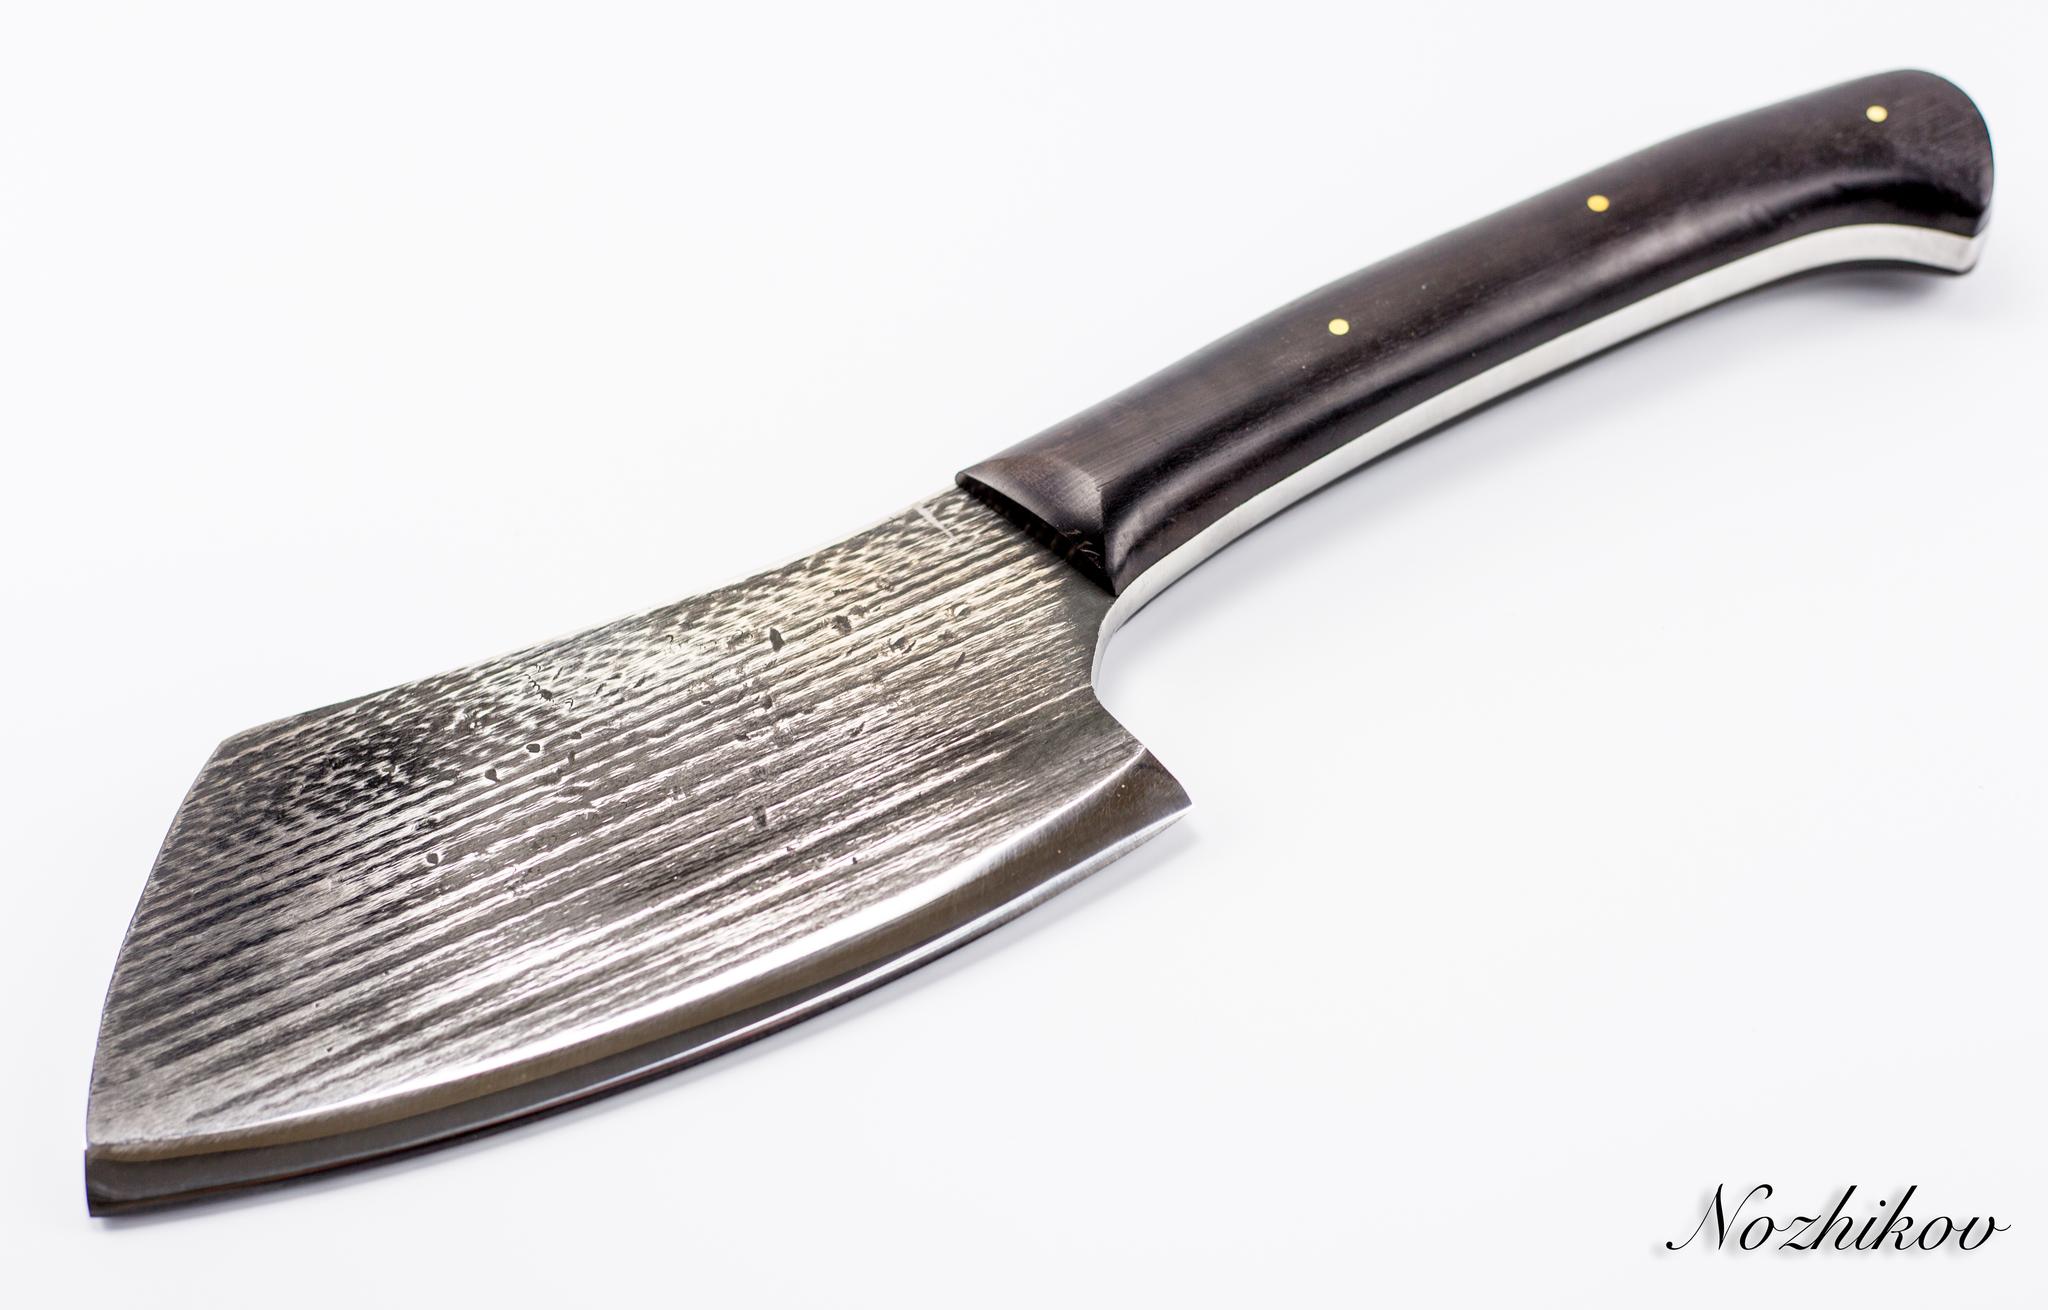 Фото 7 - Тяпка для мяса №8, сталь У8 от Мастерская Климентьева